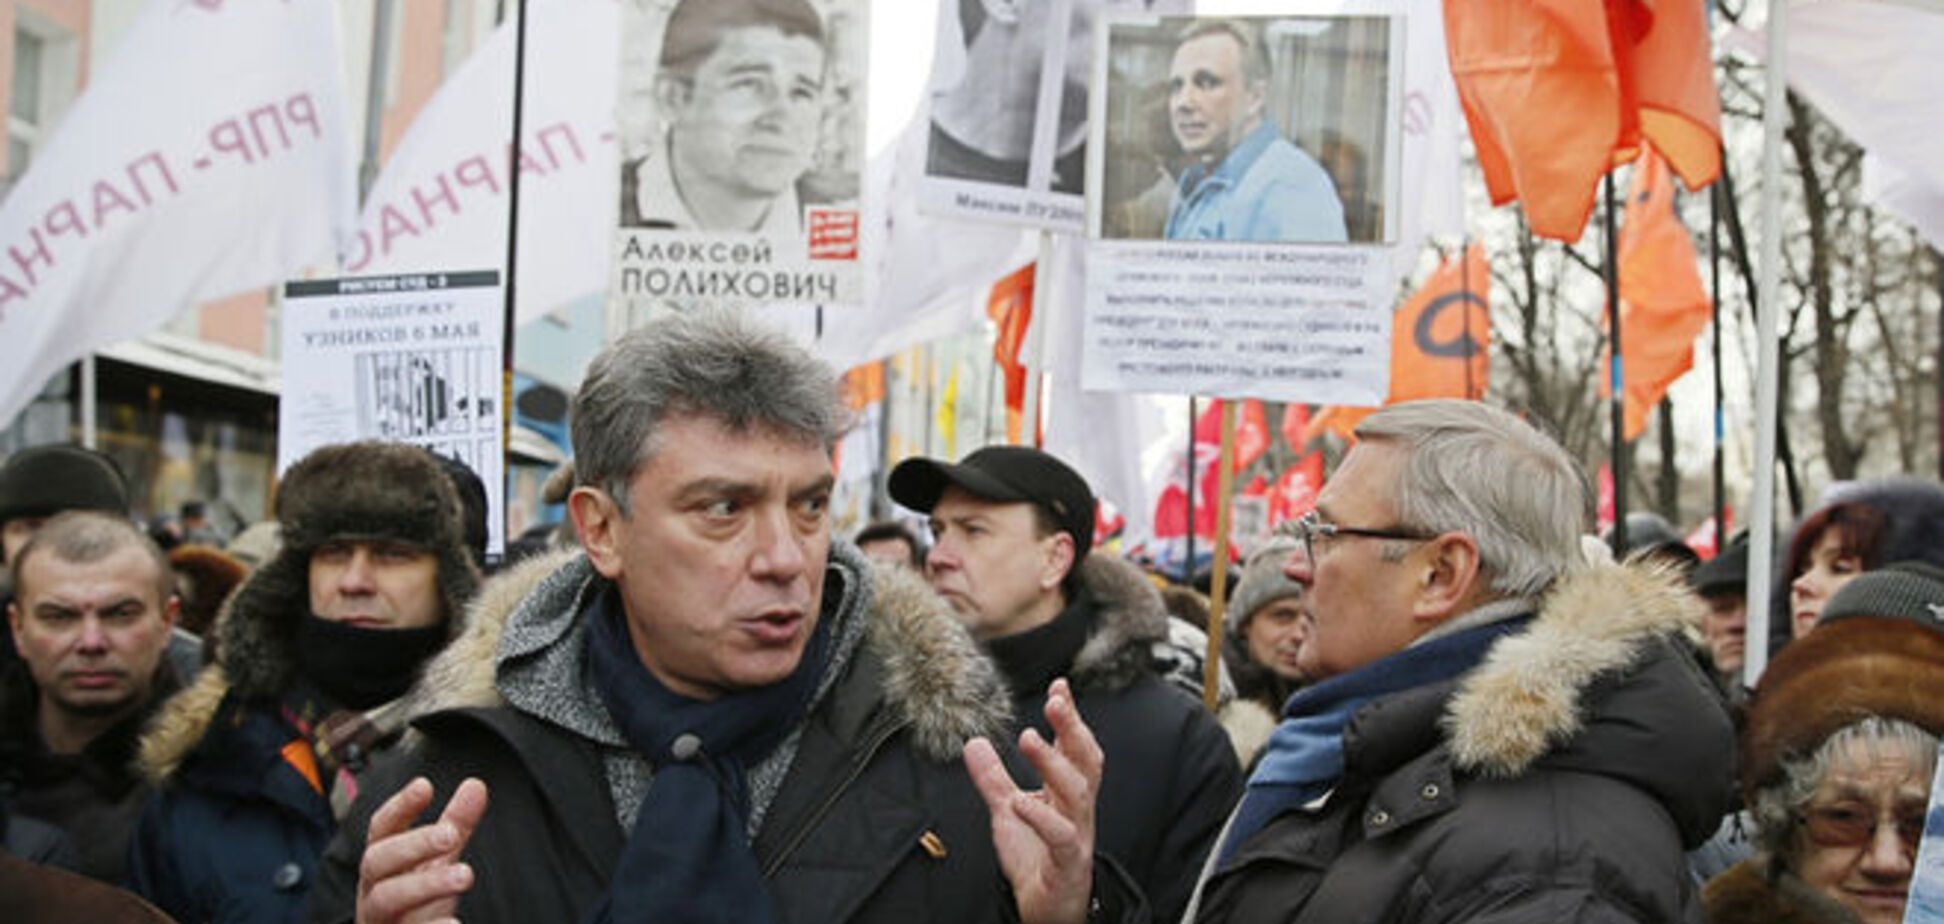 После убийства Немцова российская оппозиция отменила марш в Москве